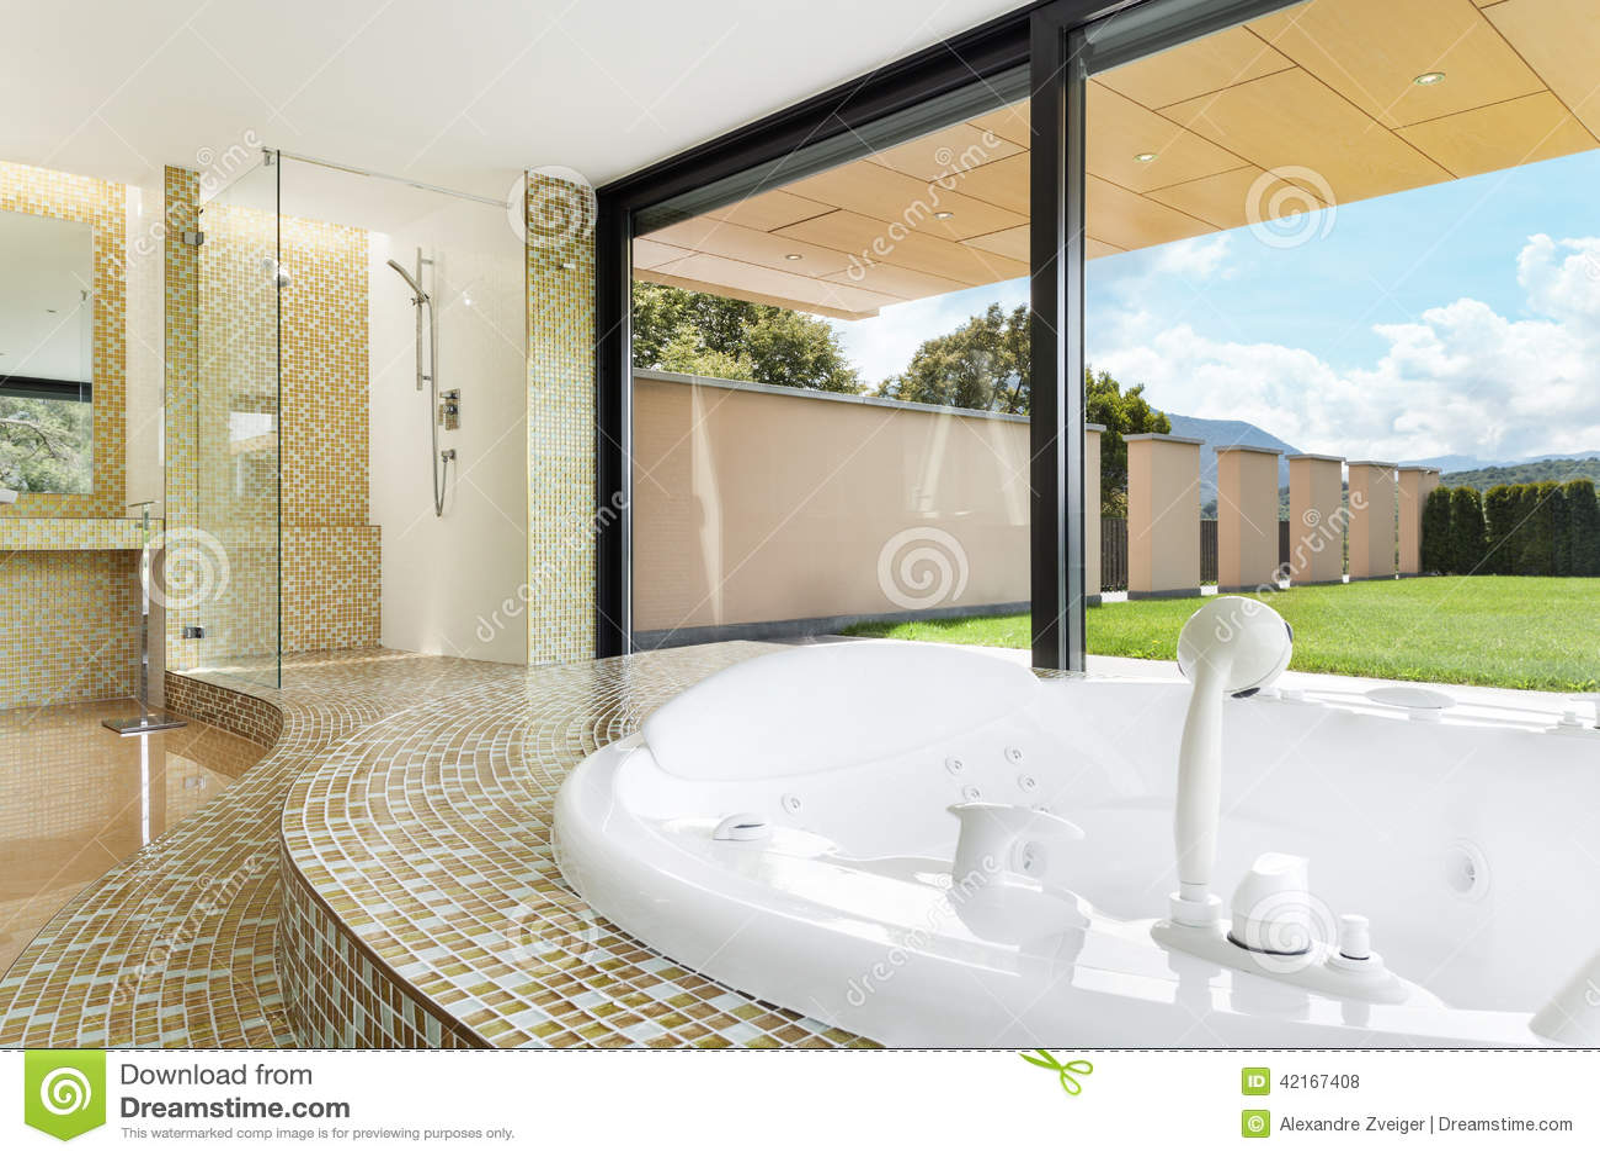 Belle salle de bains avec le jacuzzi photo stock image for Belle salle de bain photo